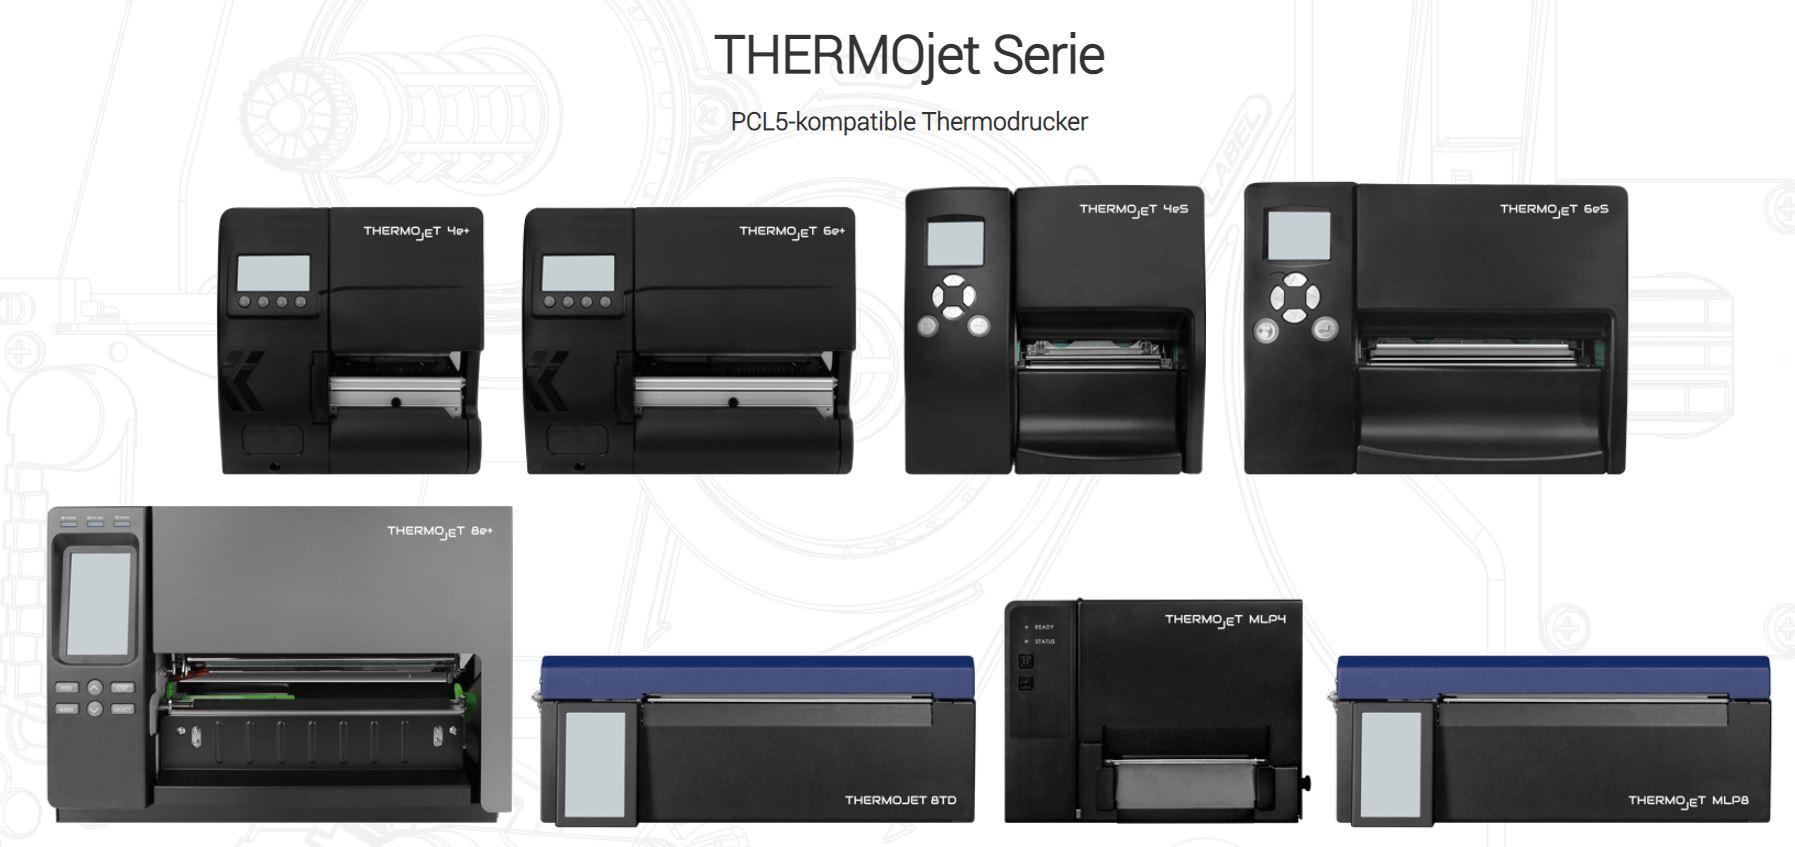 SASS THERMOjet sind Thermodrucker zur Ablösung vonLaserdrucker-Anwendungen